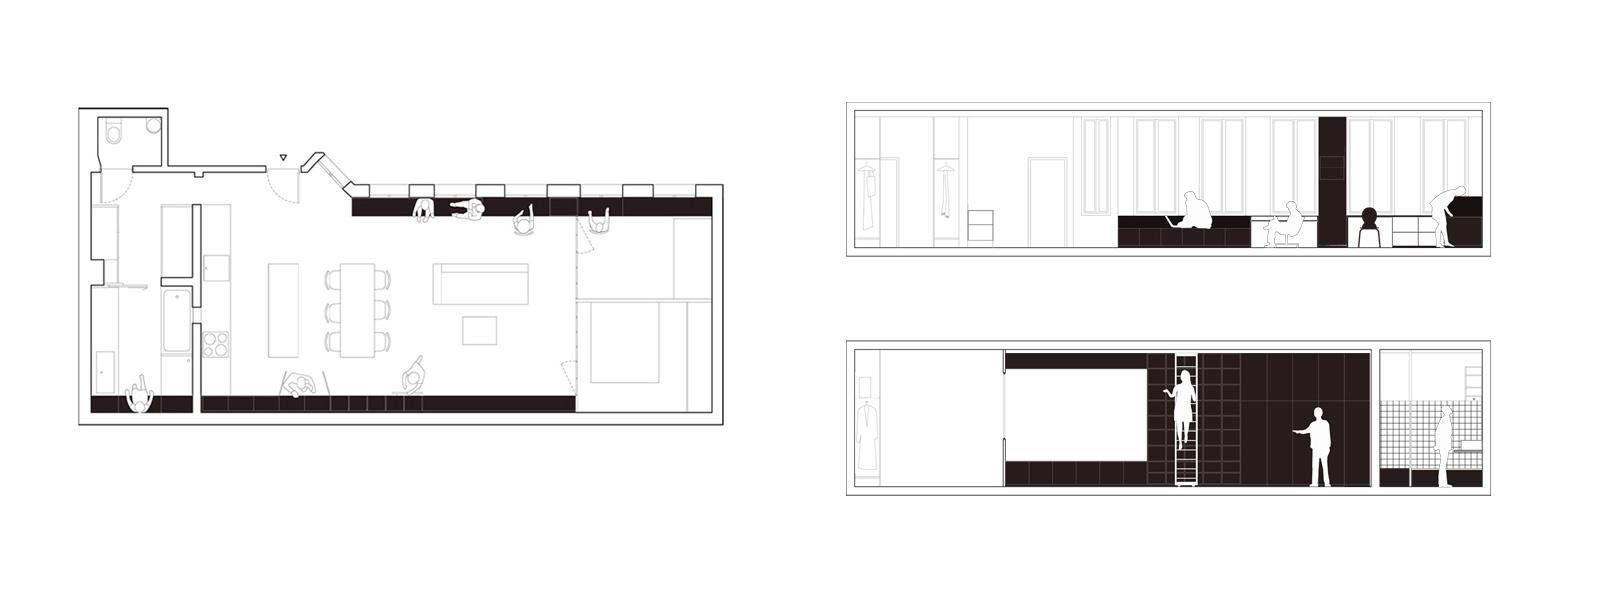 Paris kabbinet from septembre modular 4 for Atelier de cuisine paris